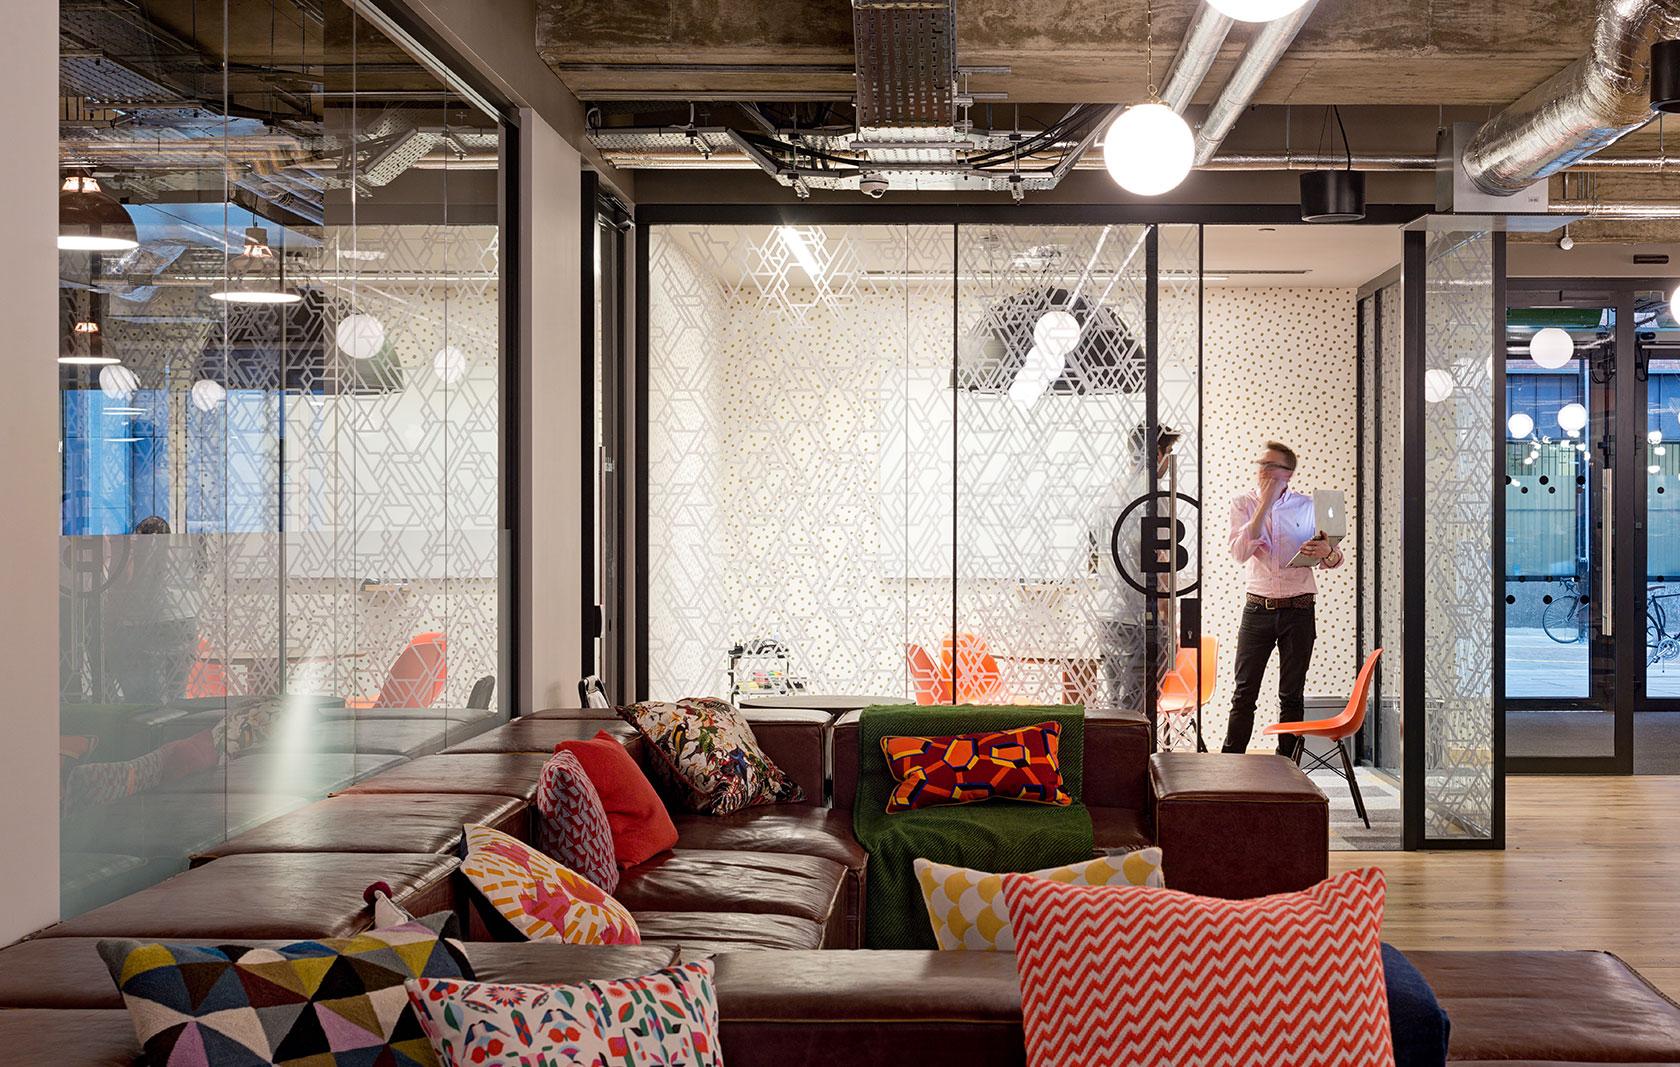 商业外观办公空间设计效果图欣赏